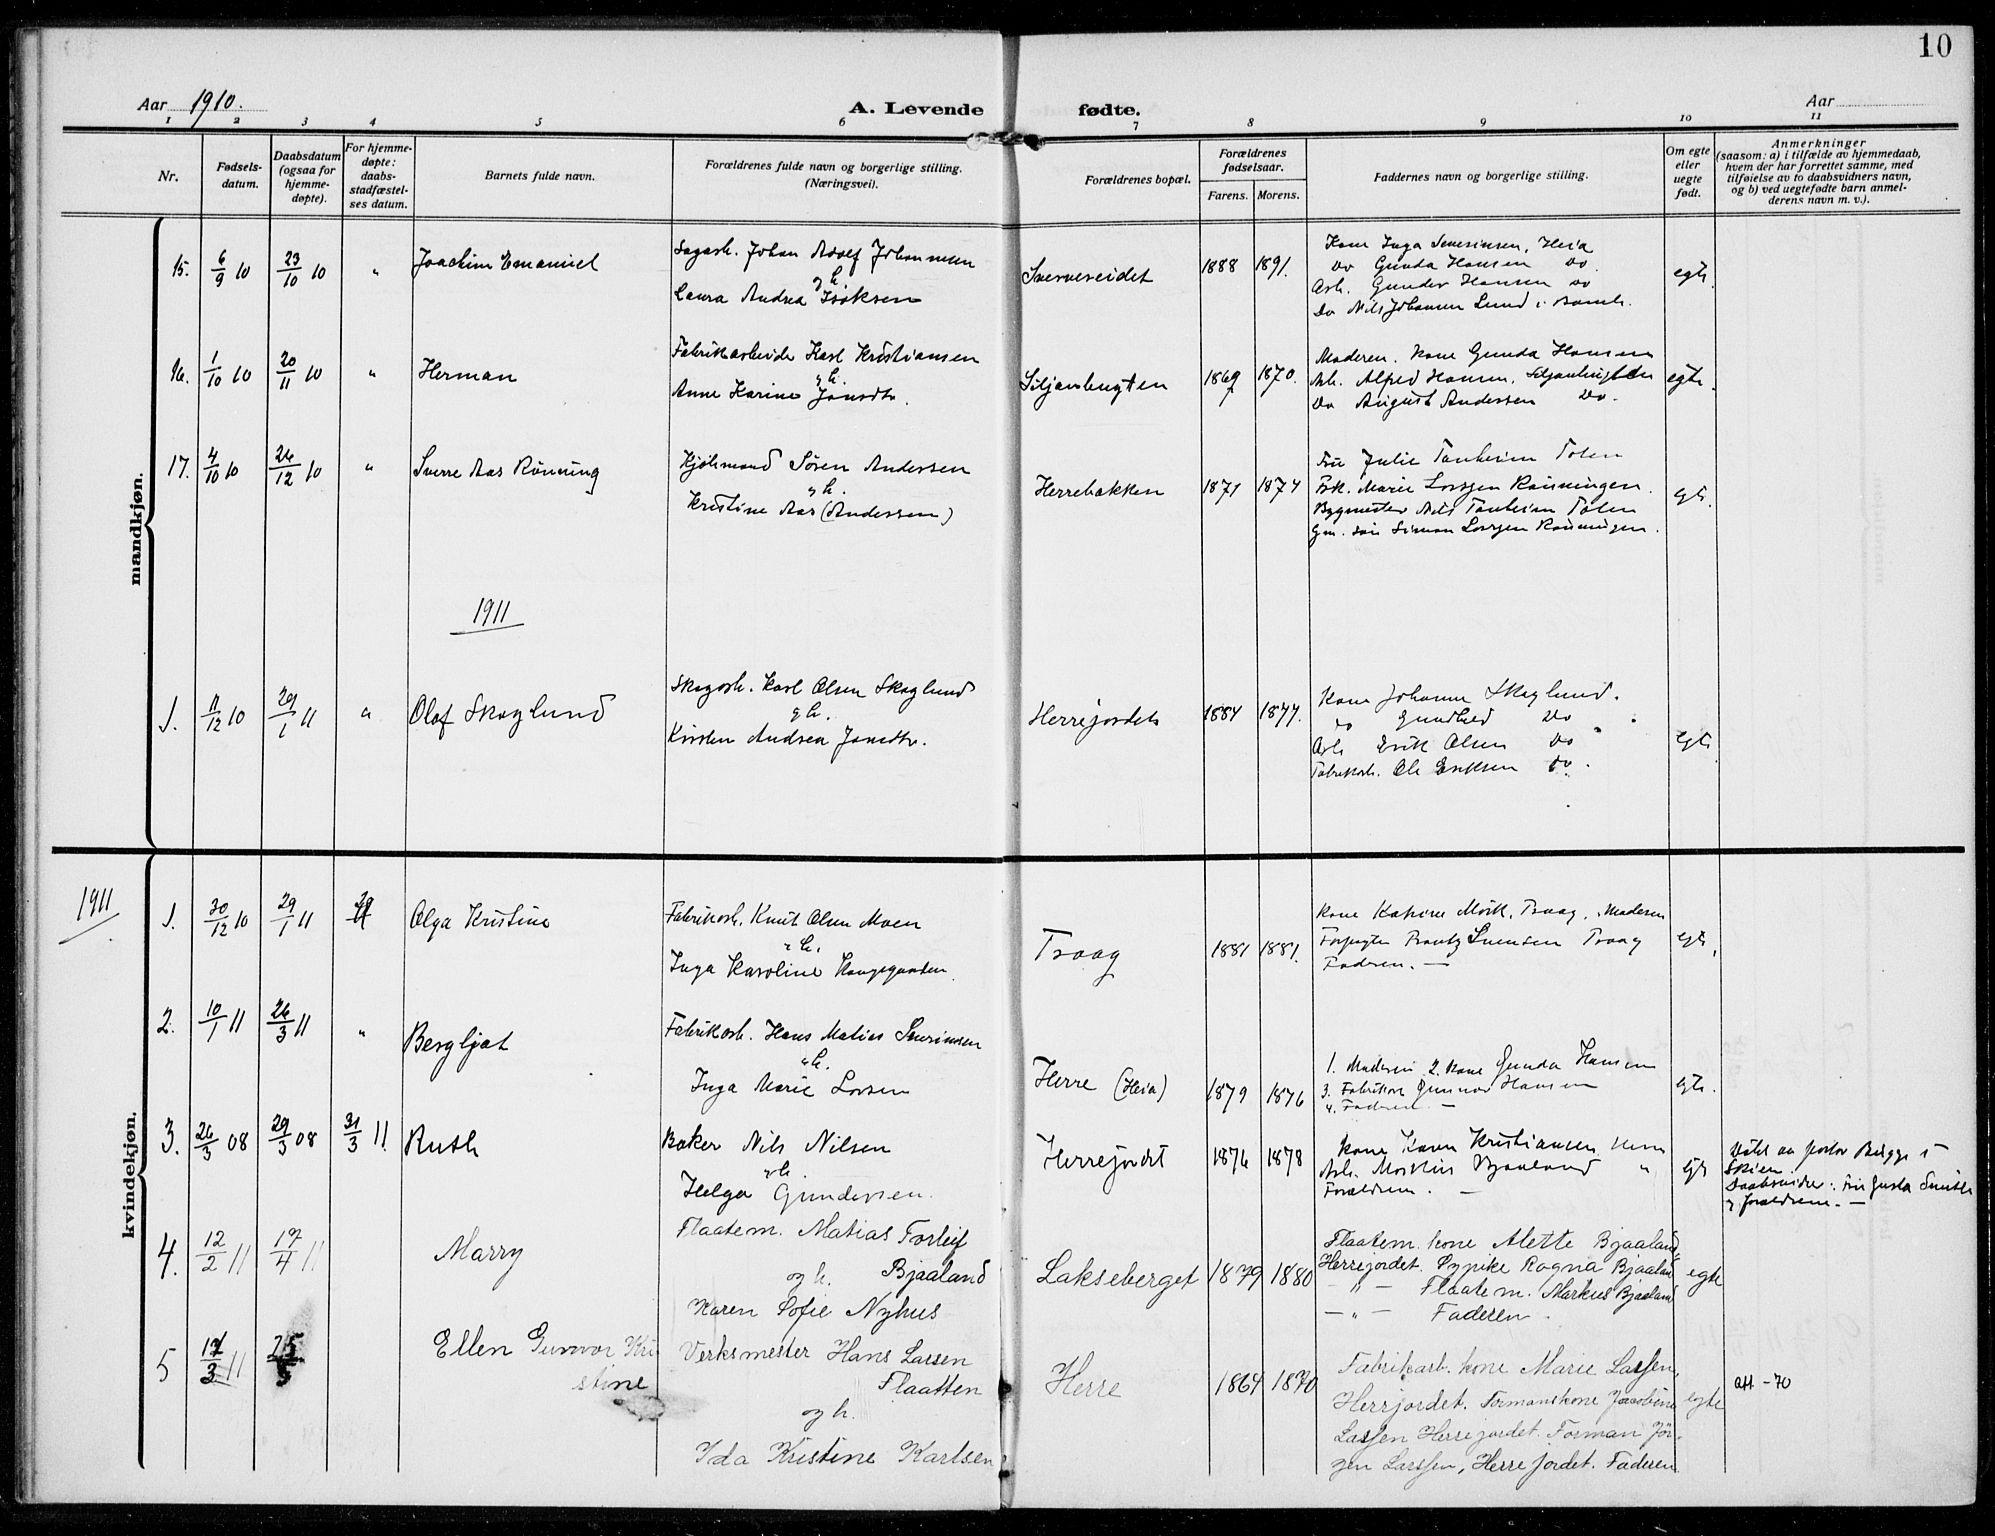 SAKO, Bamble kirkebøker, F/Fc/L0001: Ministerialbok nr. III 1, 1909-1916, s. 10